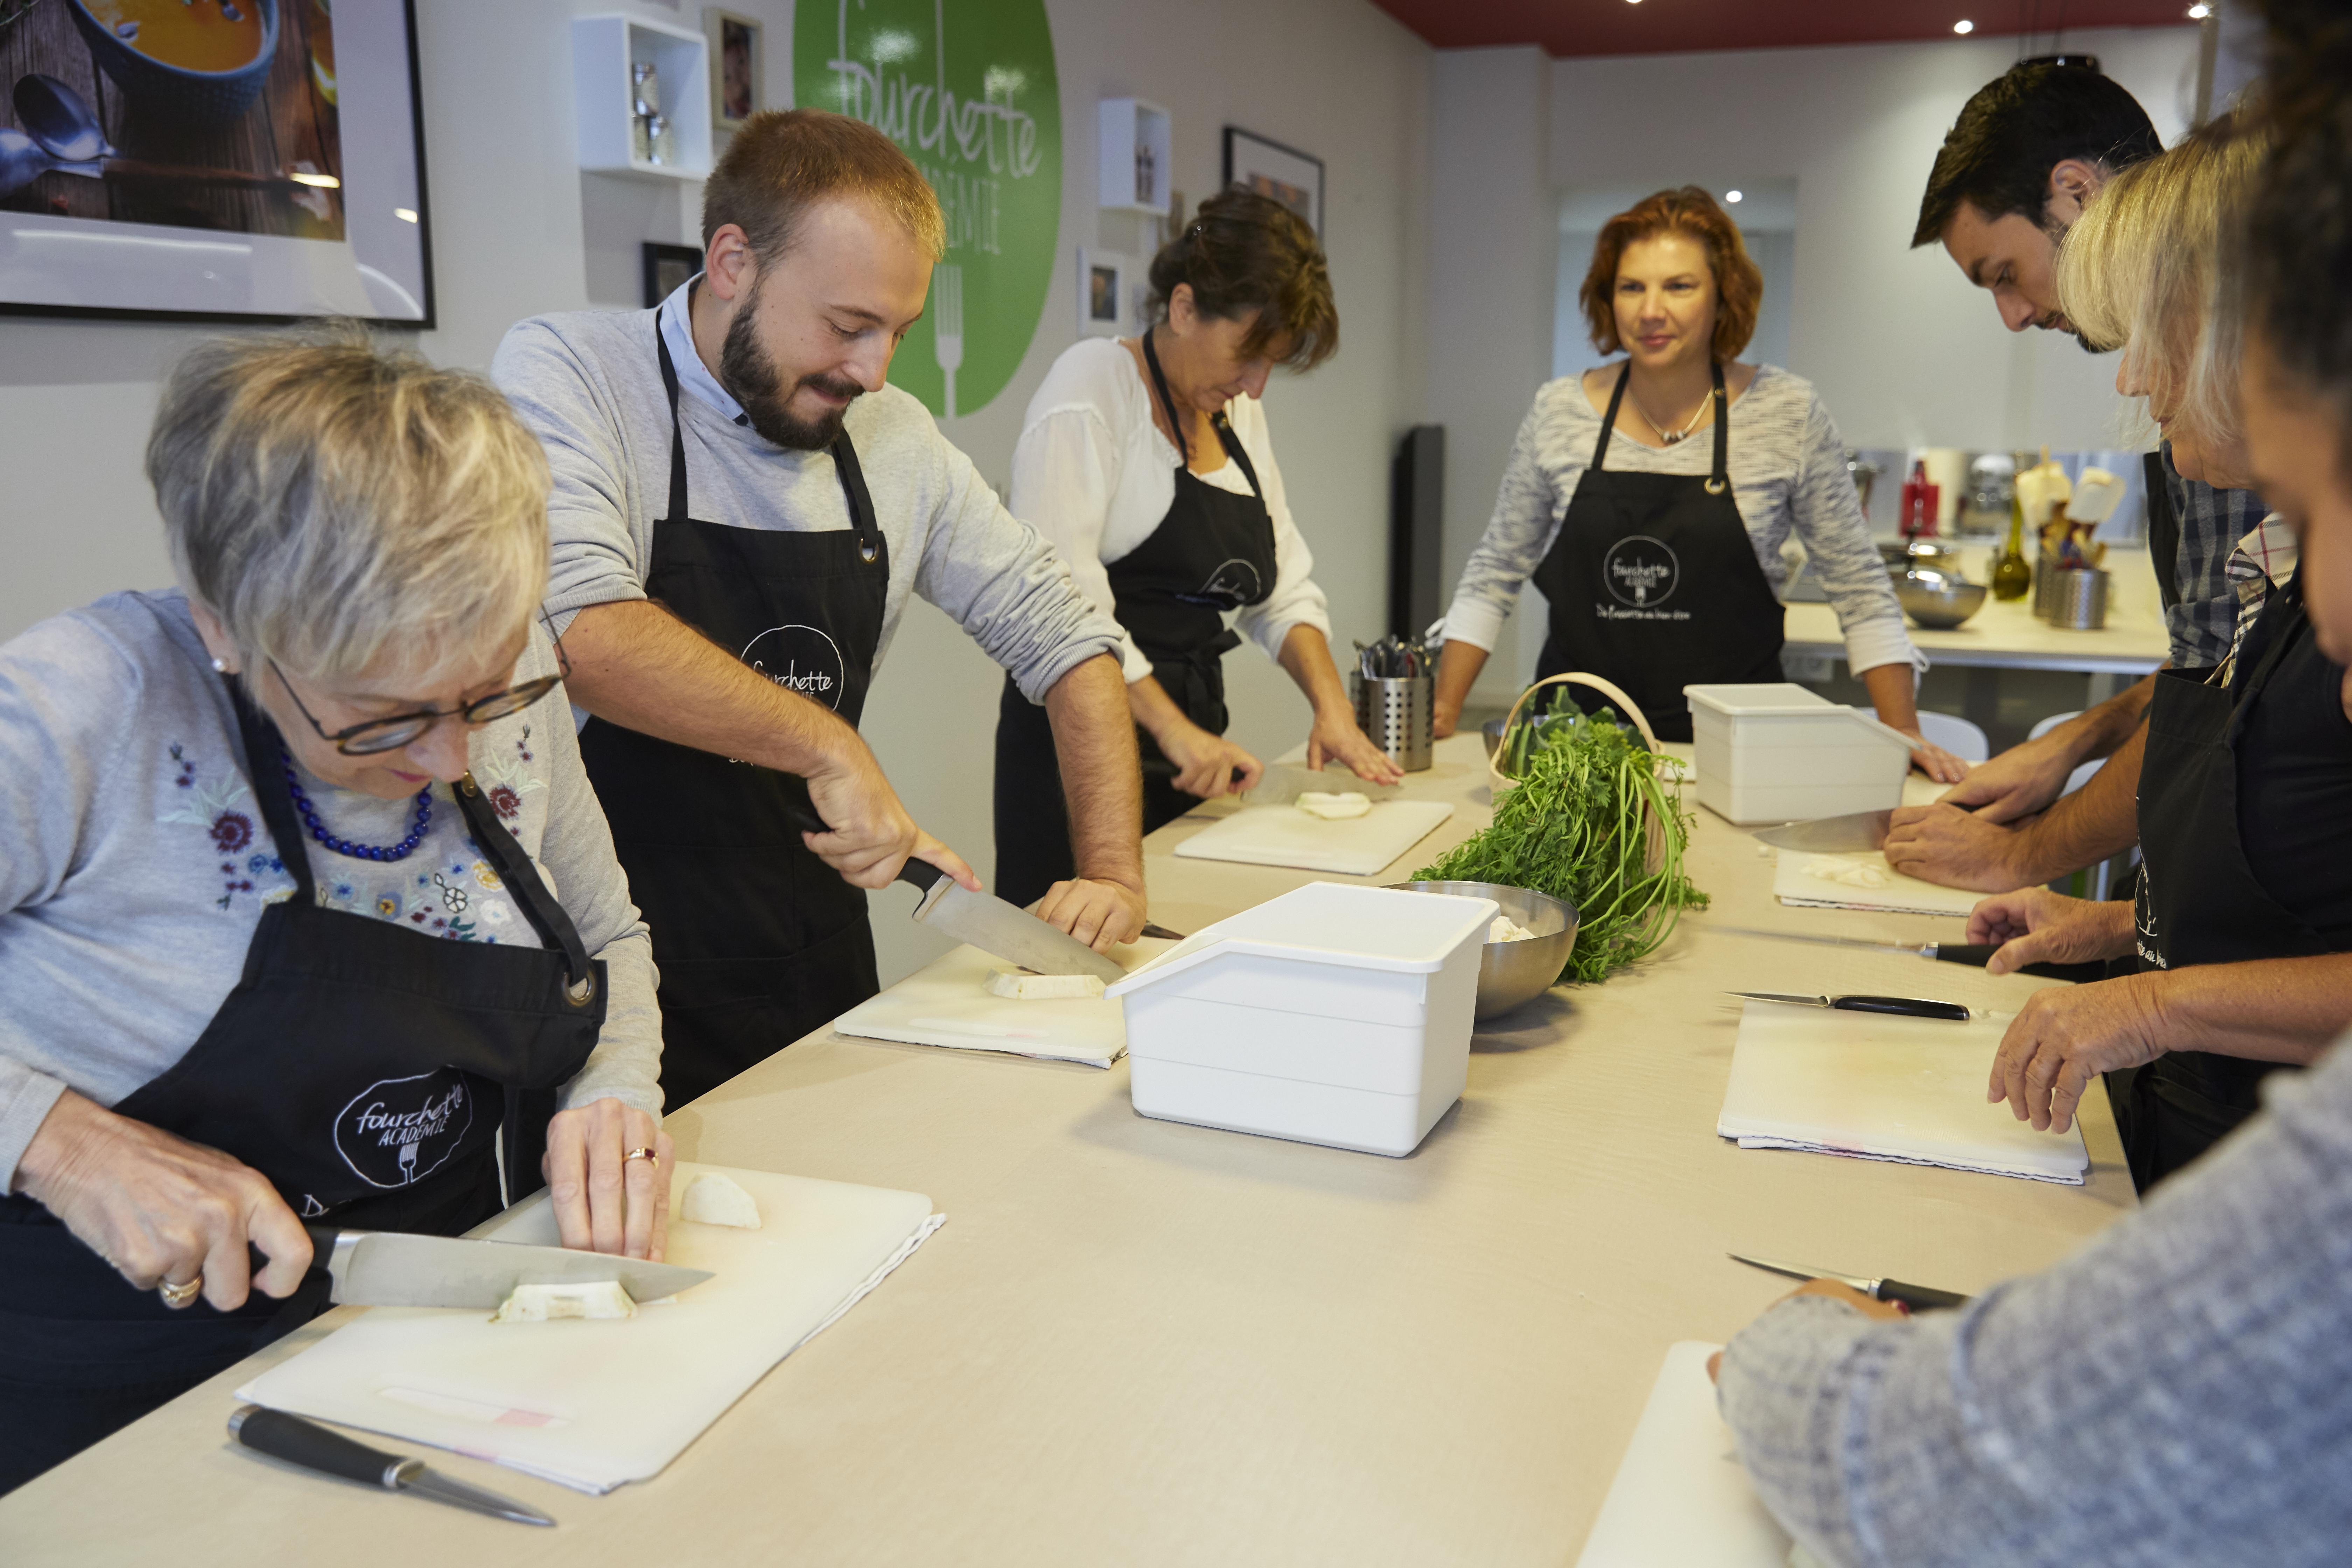 Sushi atelier cuisine blog labougeotte laval fourchette academie